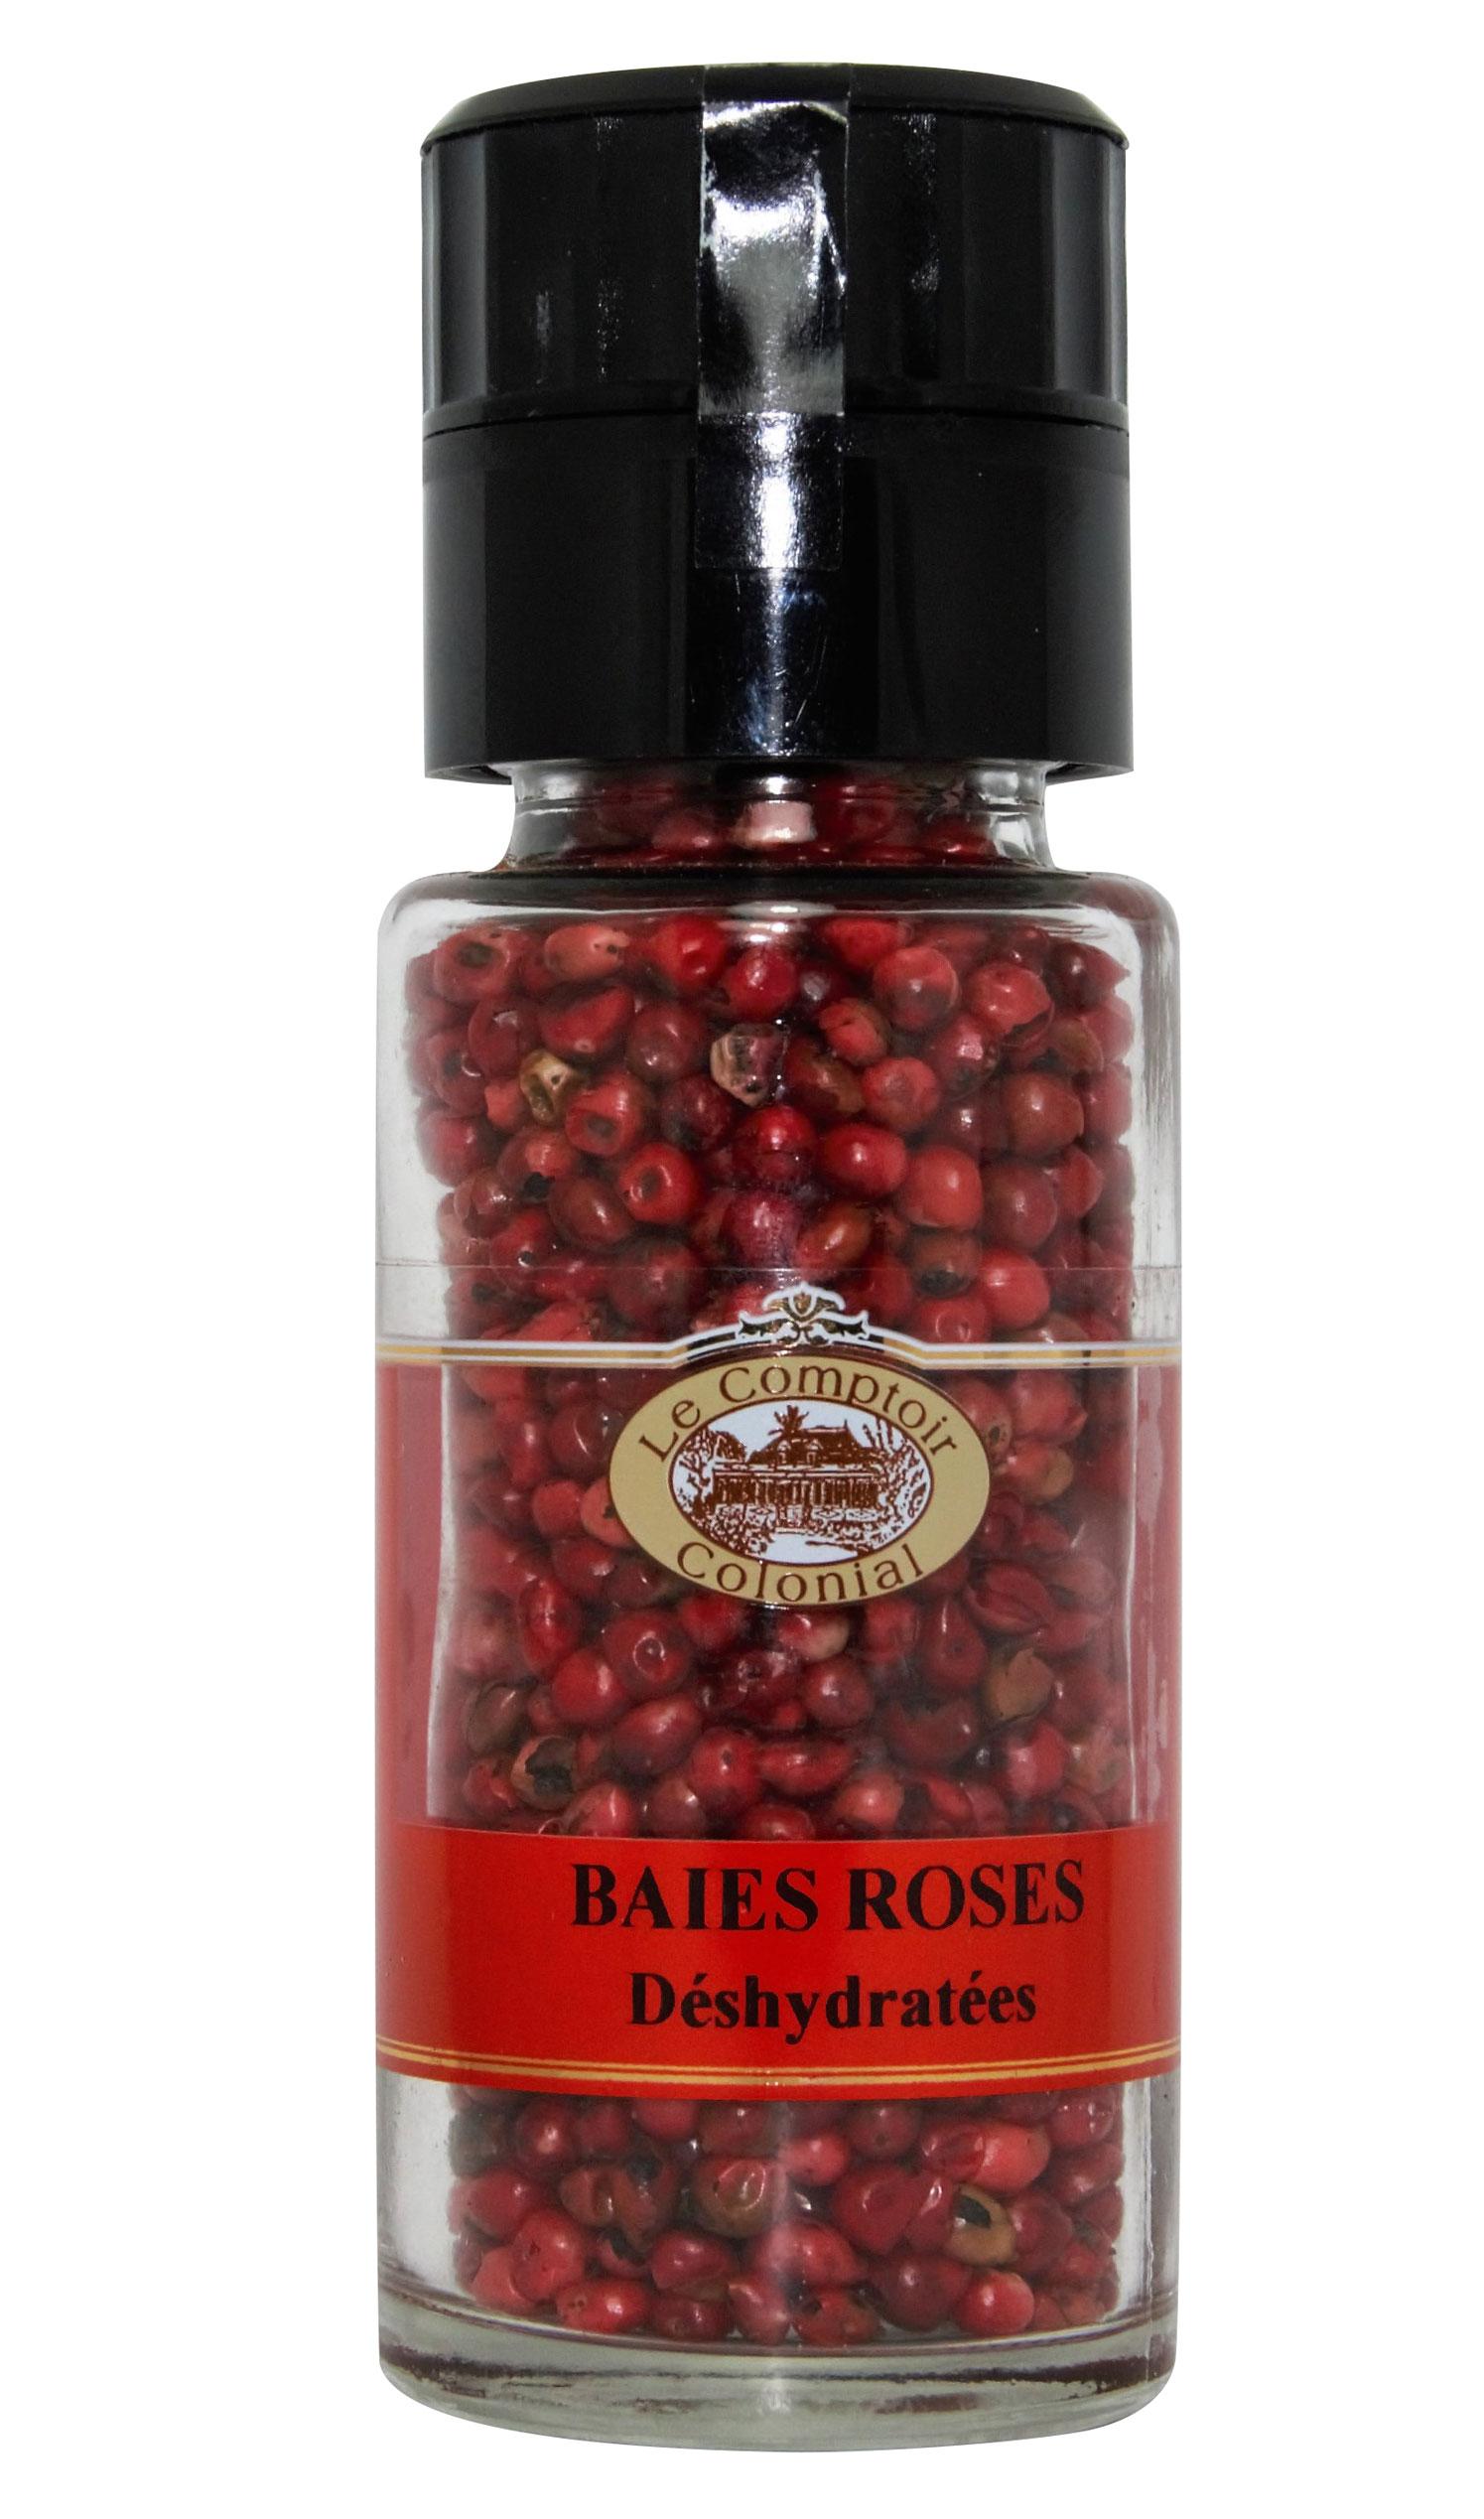 Baies Roses 25 g Le Comptoir Colonial